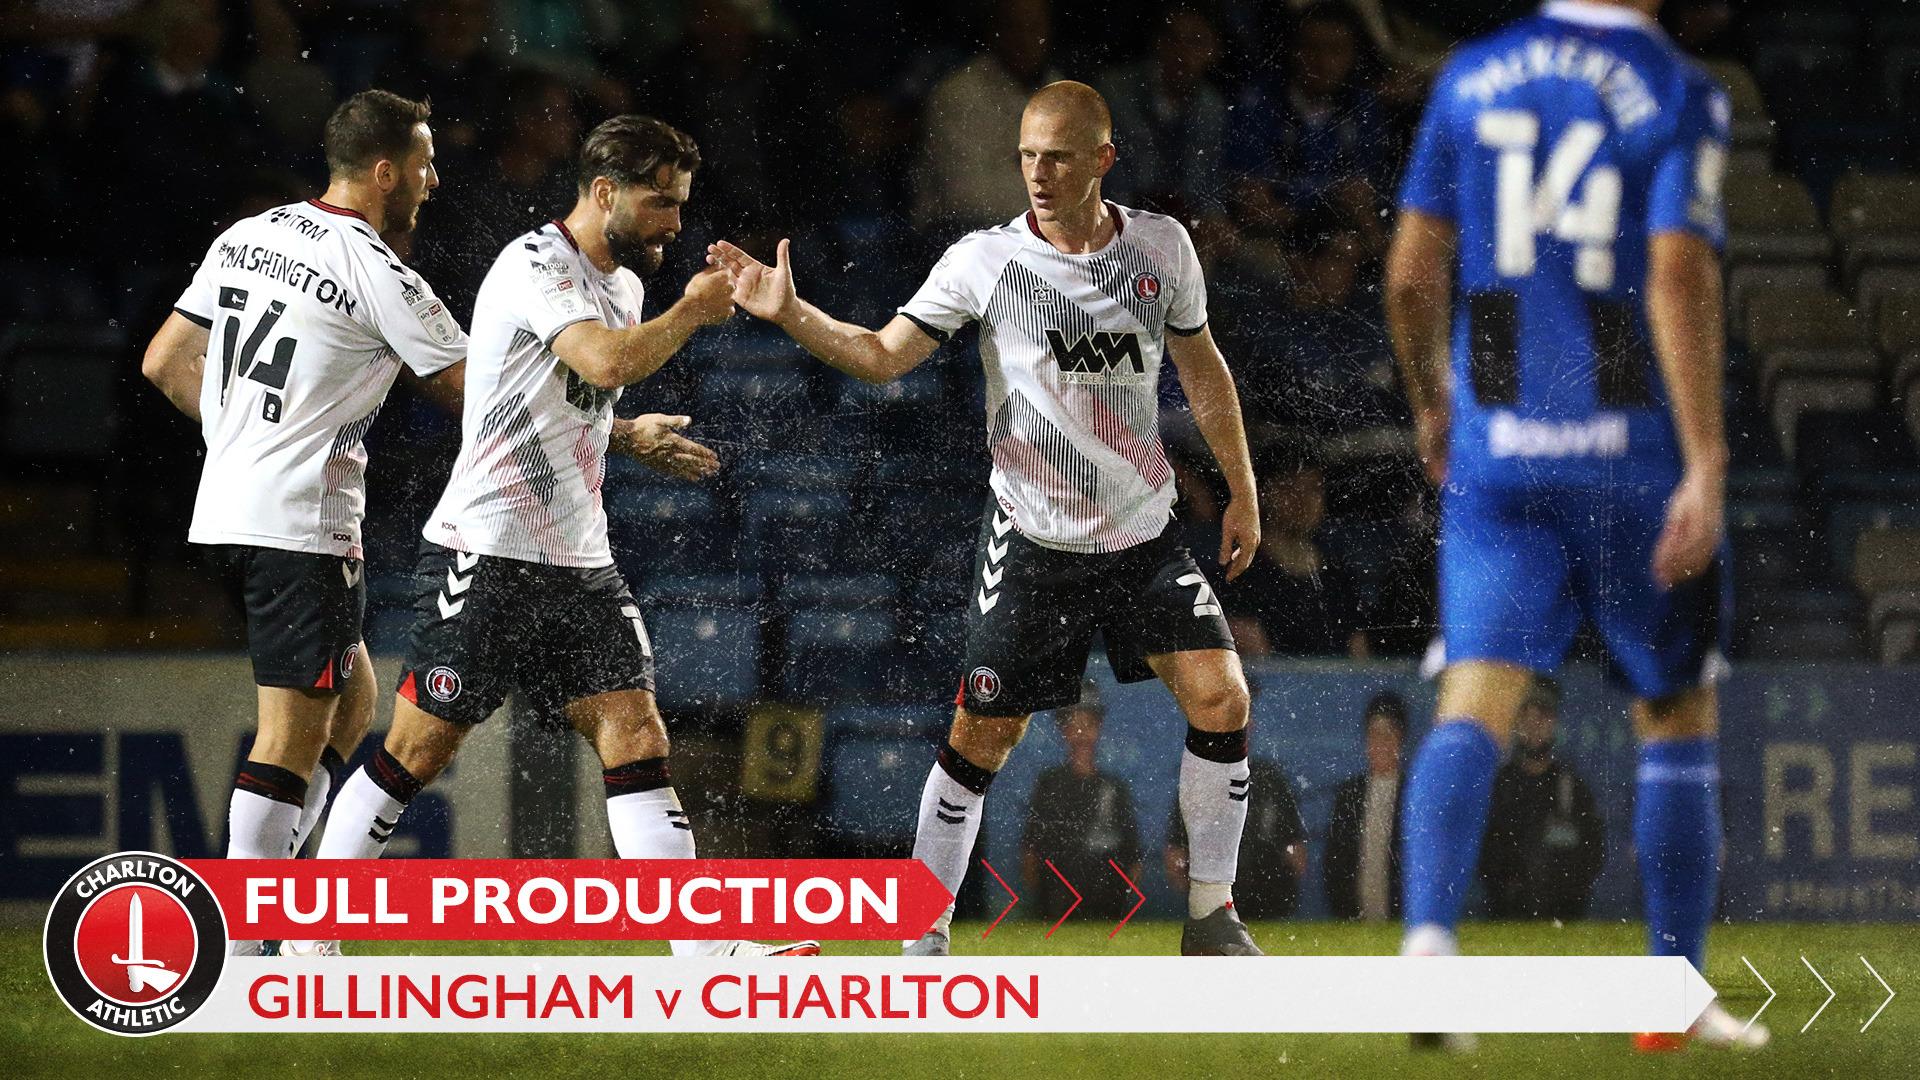 CharltonTV | Full broadcast - Gillingham (September 2021)